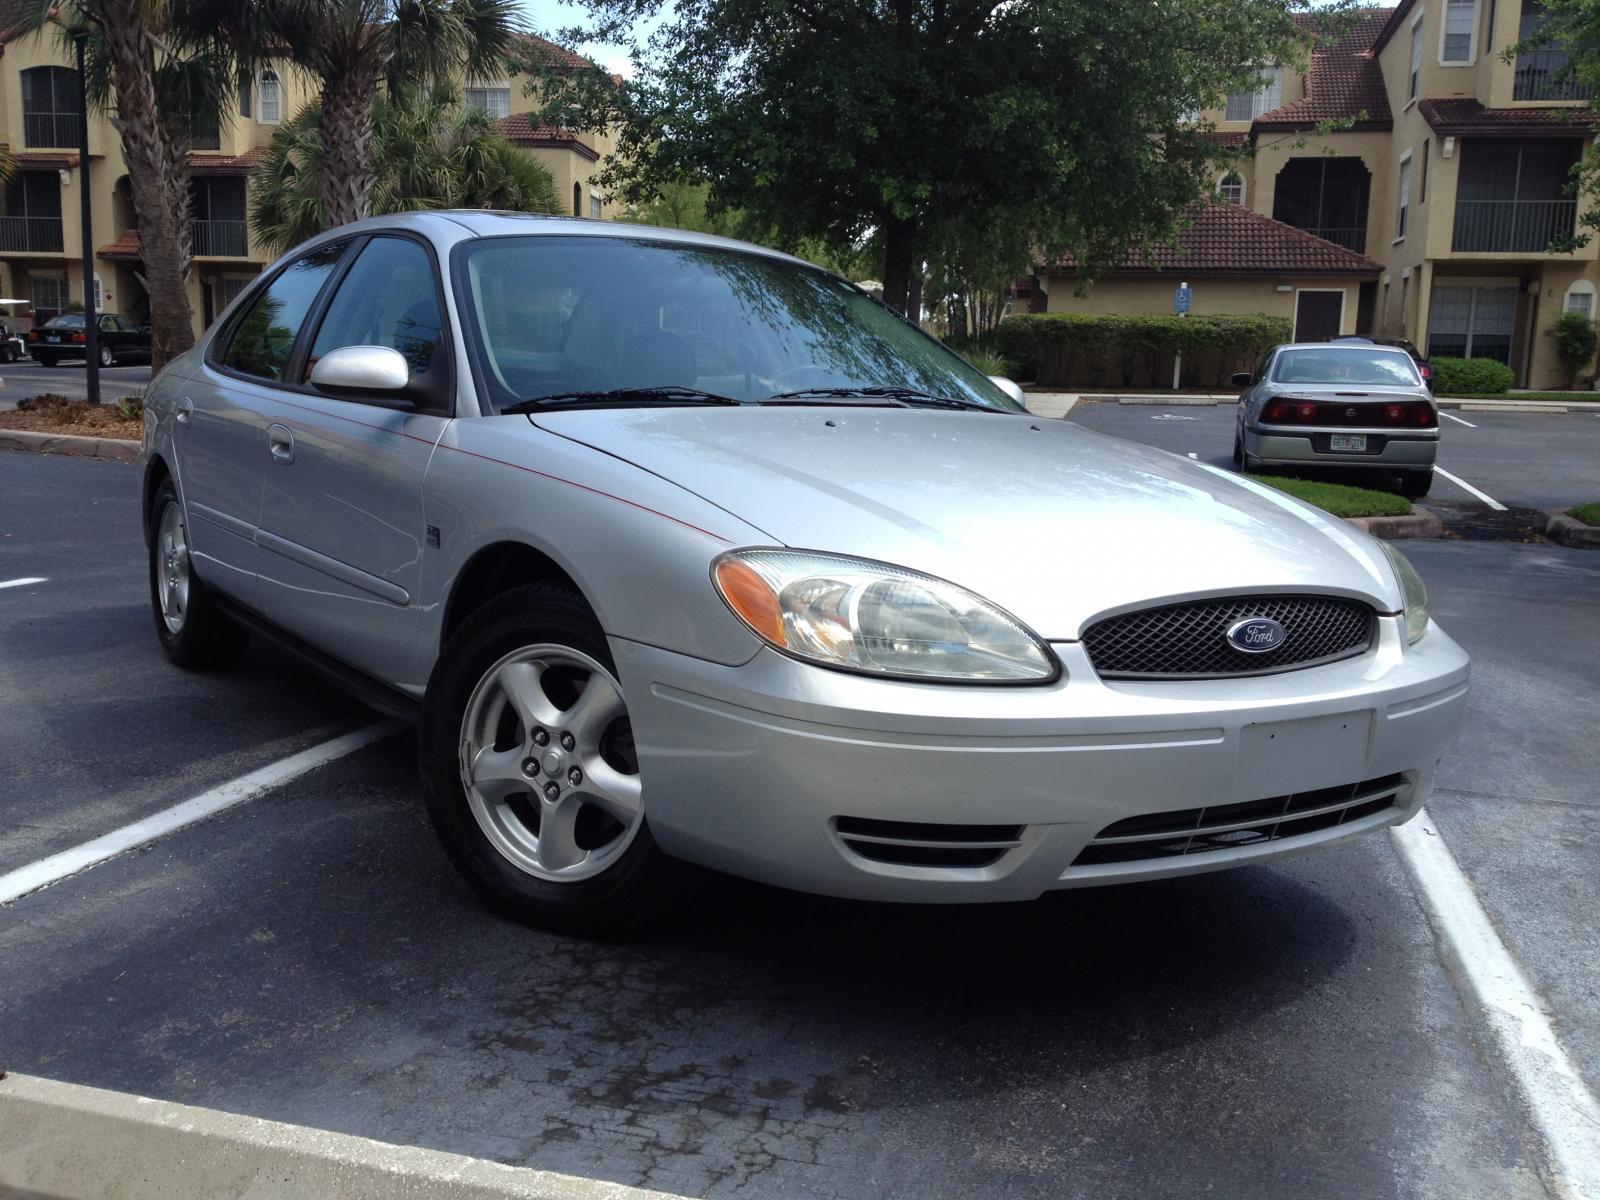 800 1024 1280 1600 origin 2004 ford taurus